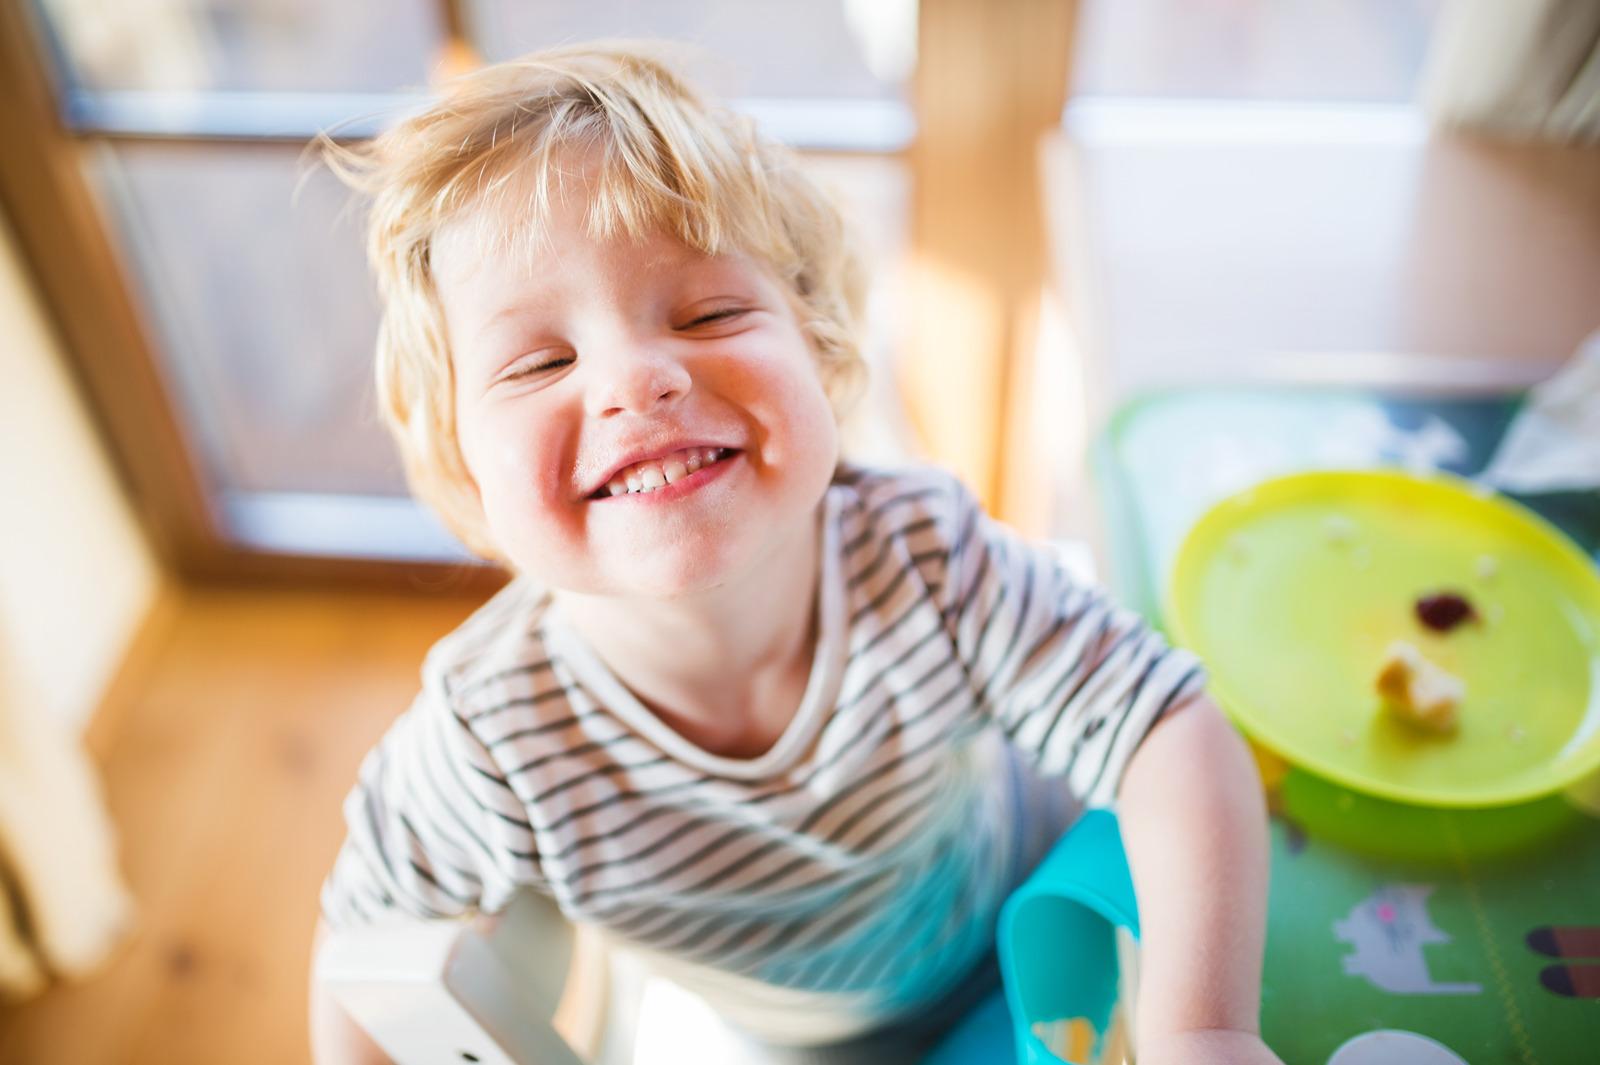 teeth-grinding-toddler